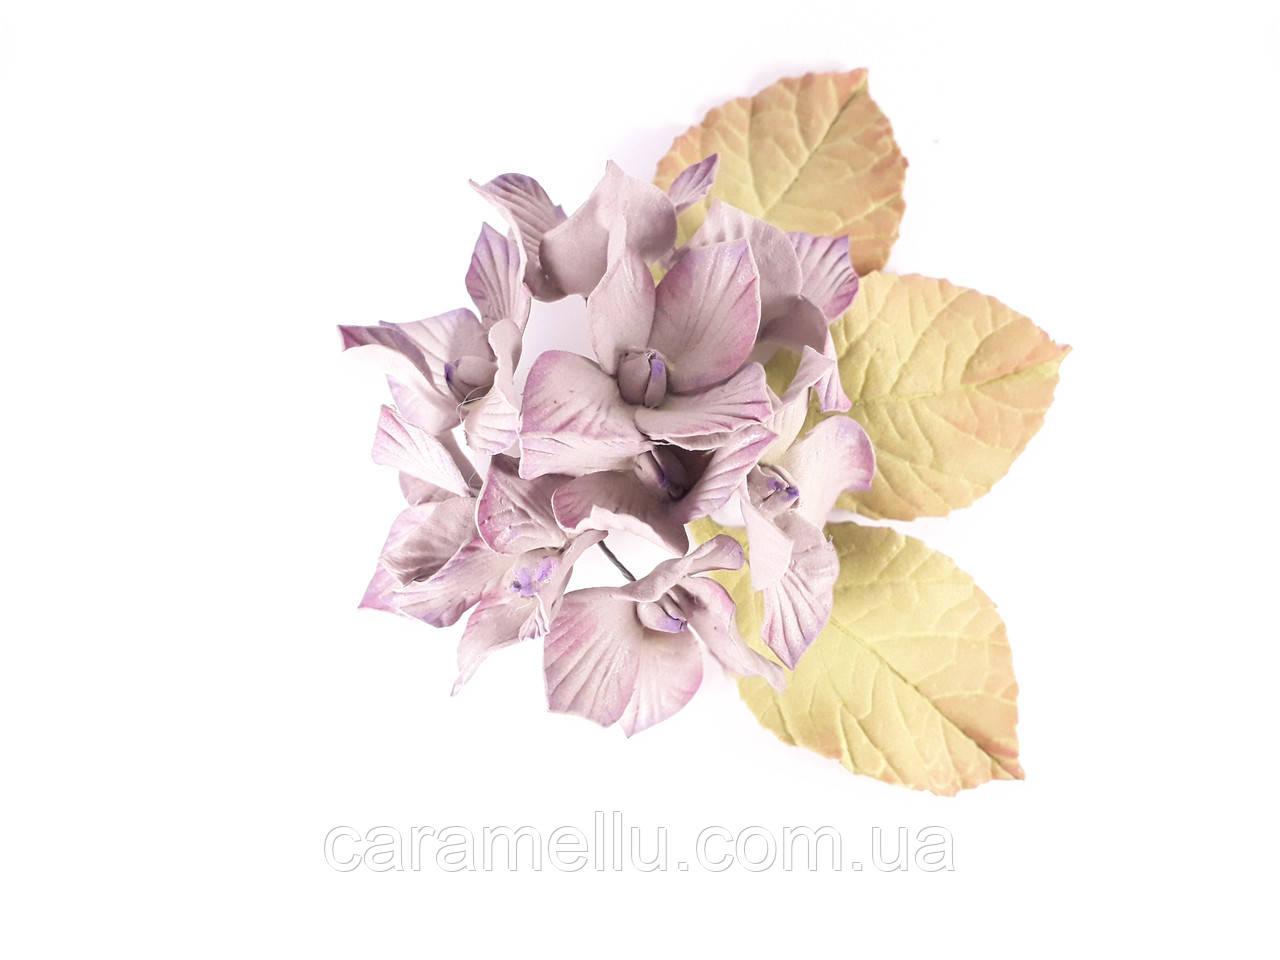 Гортензия соцветие Серый